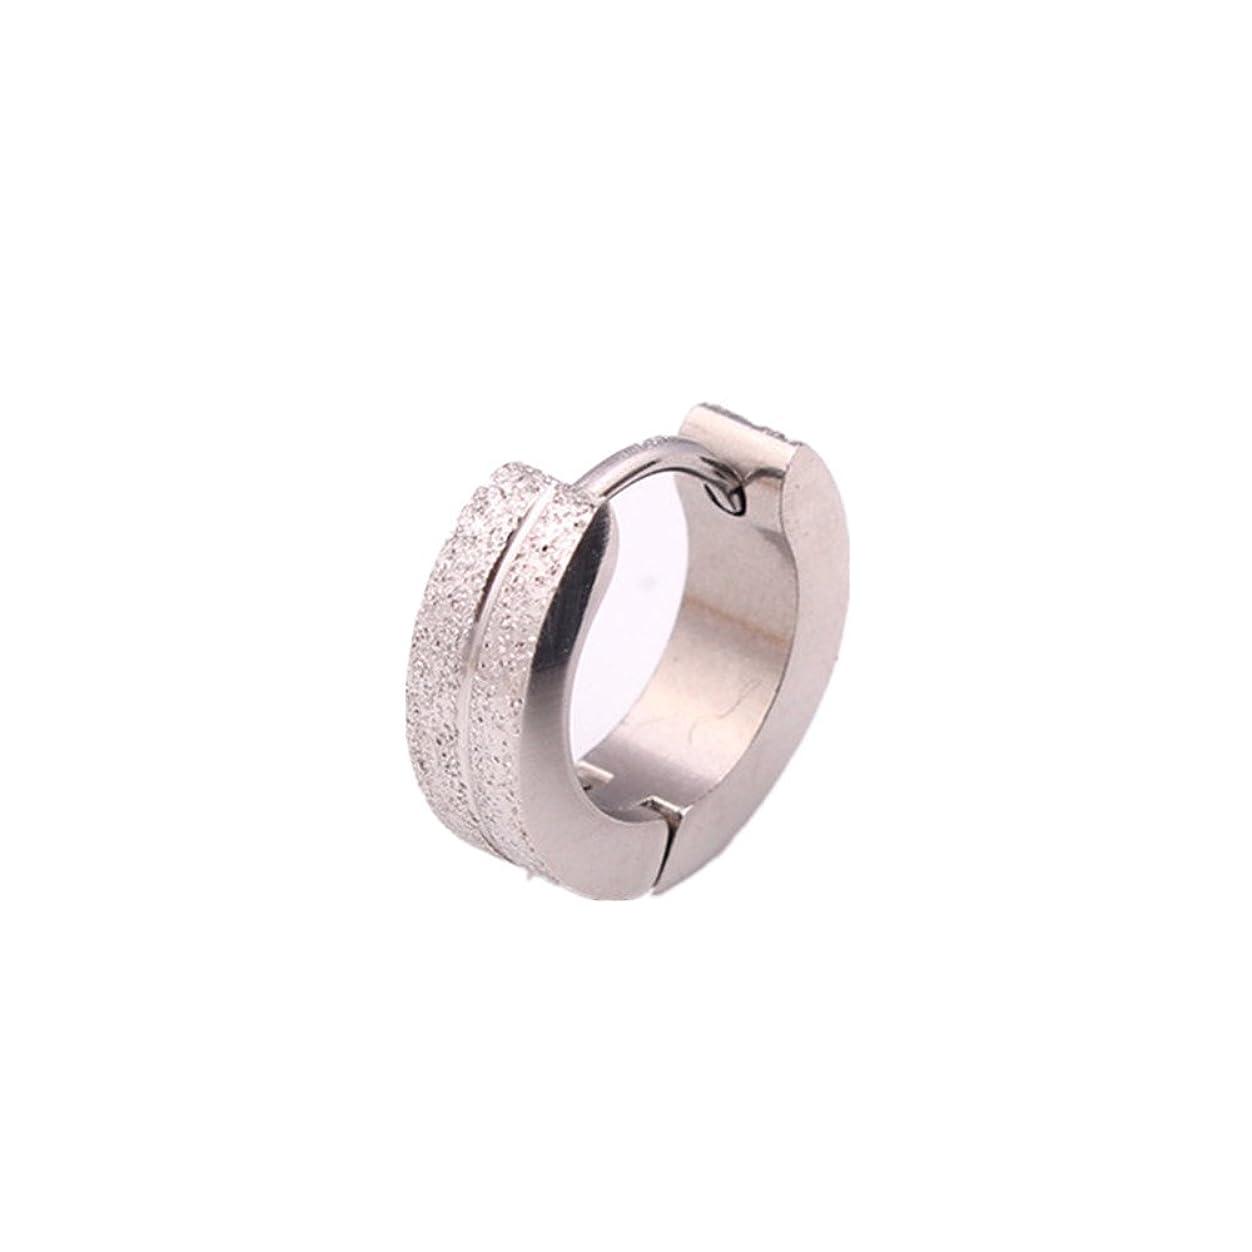 サイレントチェス謙虚なHonel シンプル チタン クリップ式 ピアス 単耳用 ファッション イヤリング ピアス 1個 銀色